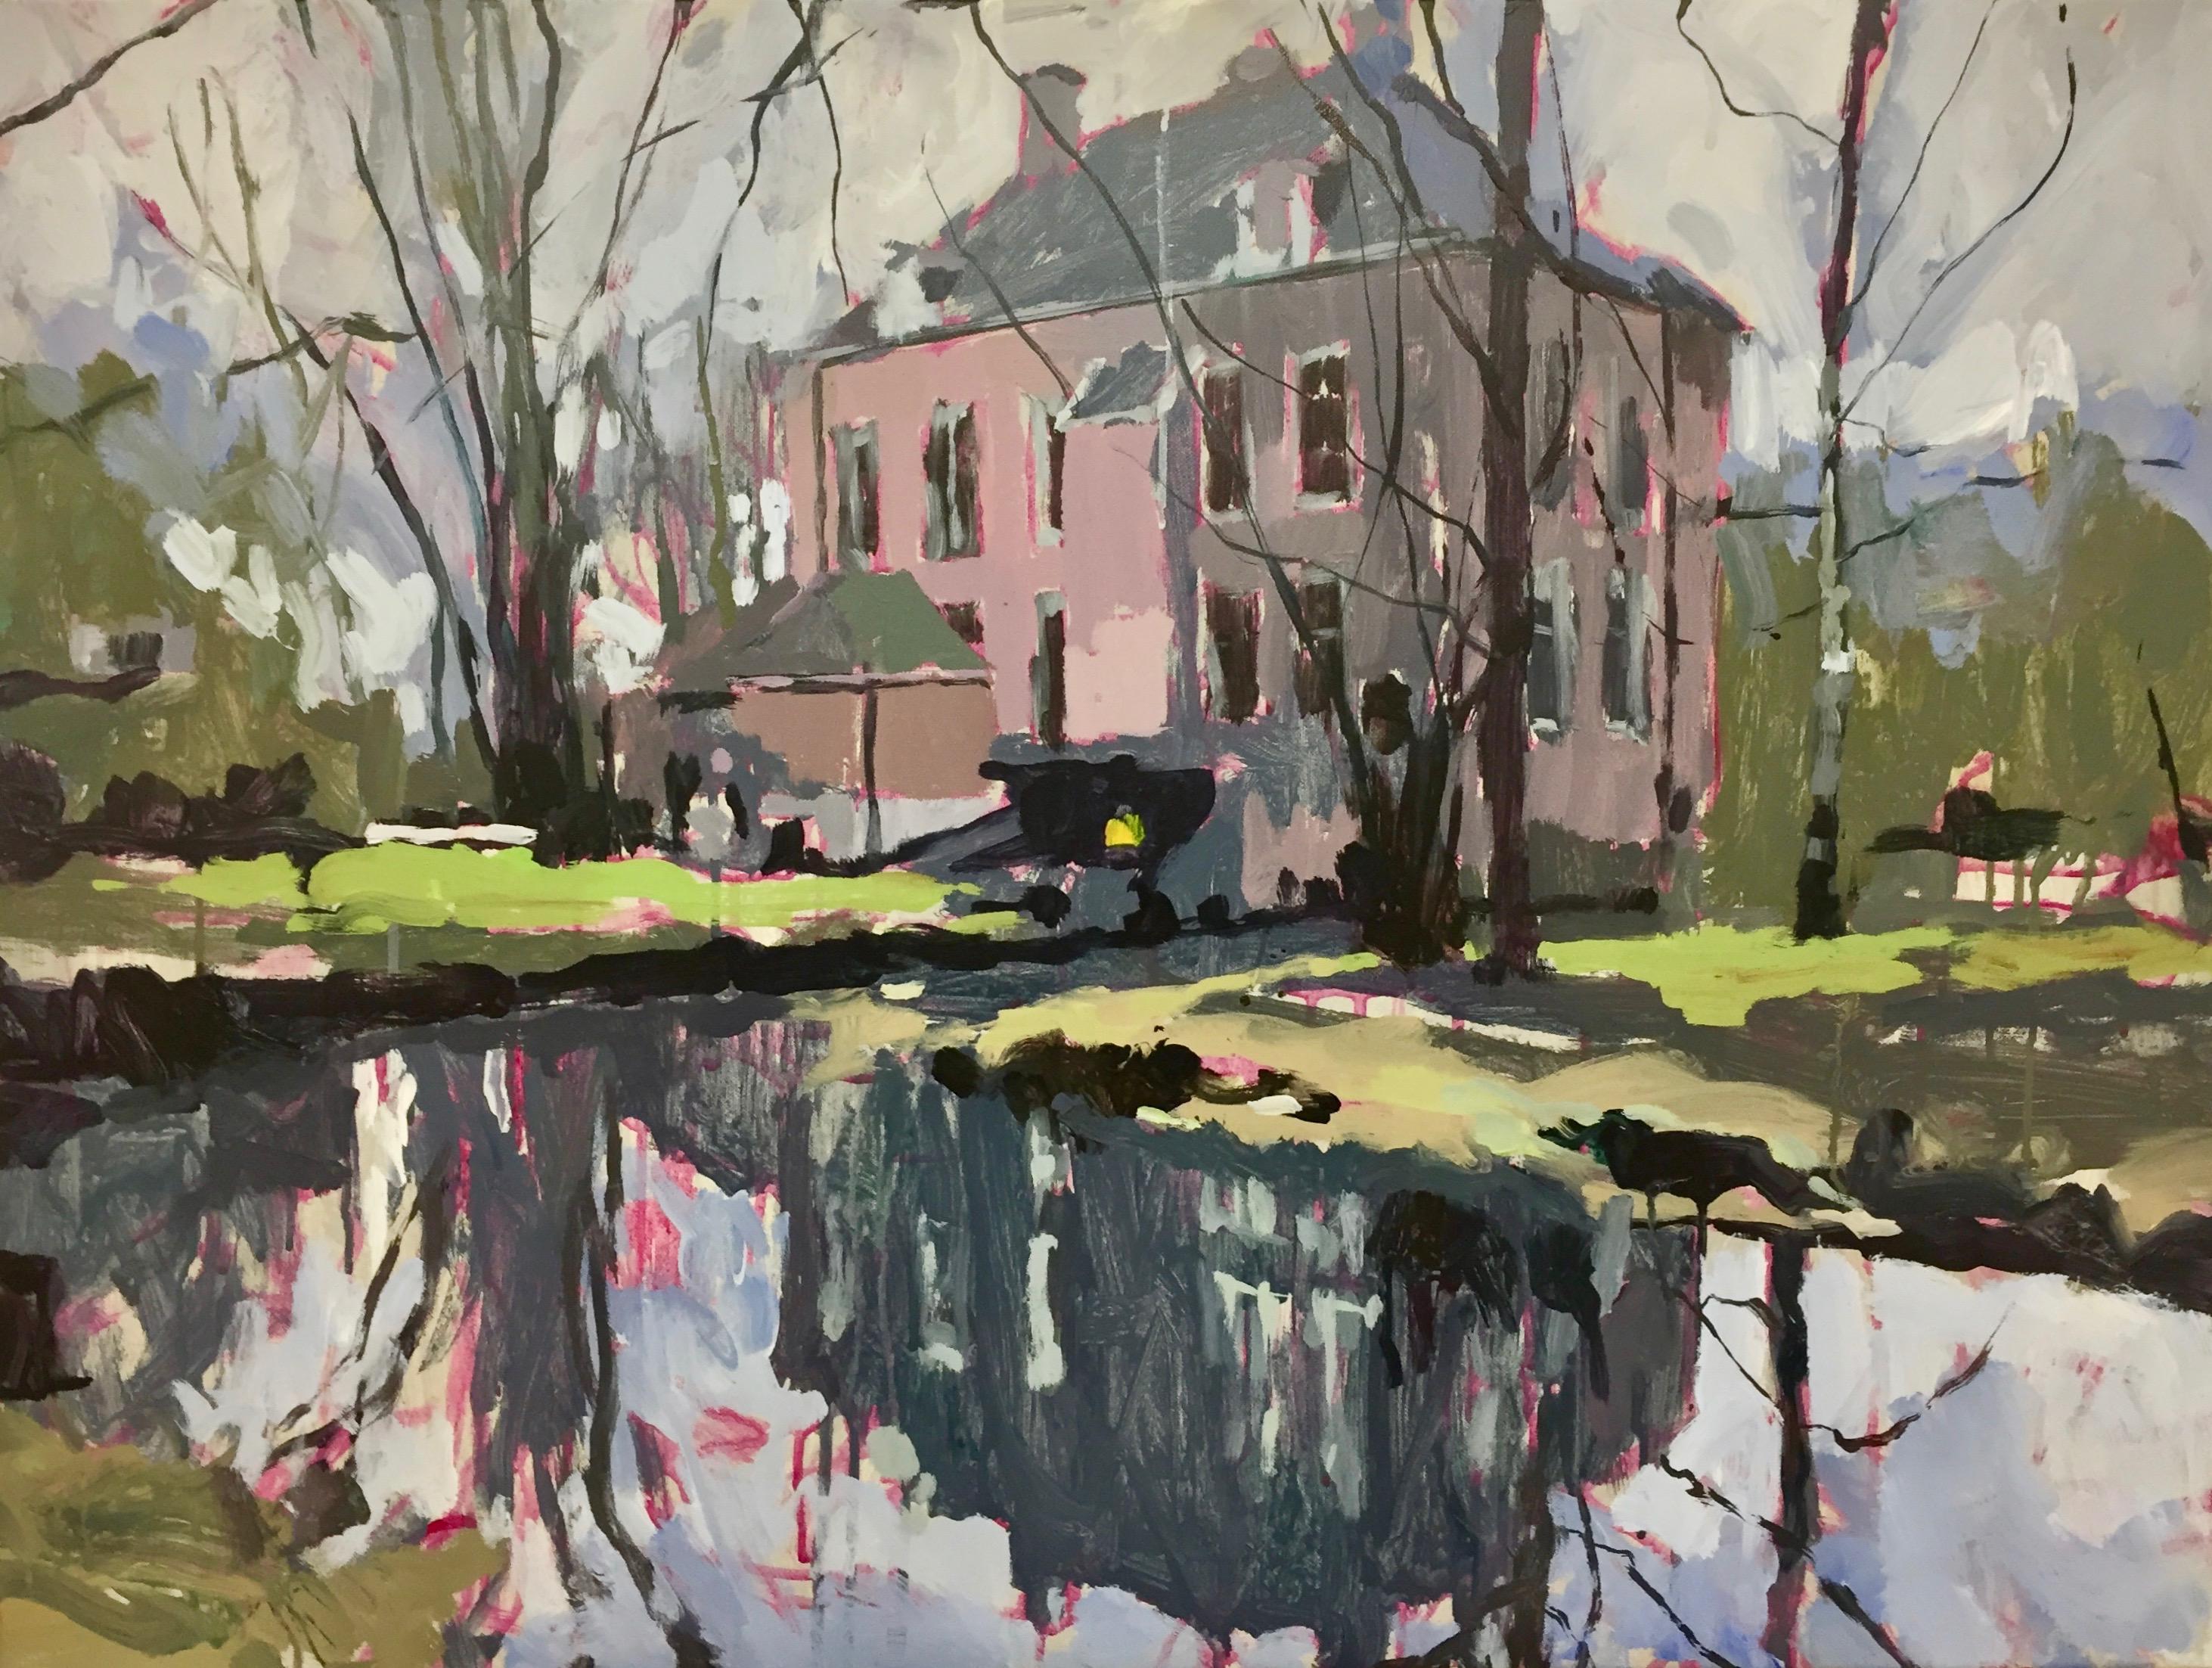 Dutch Villa- 21st Century Contemporary Landscape Painting by Eric Schutte